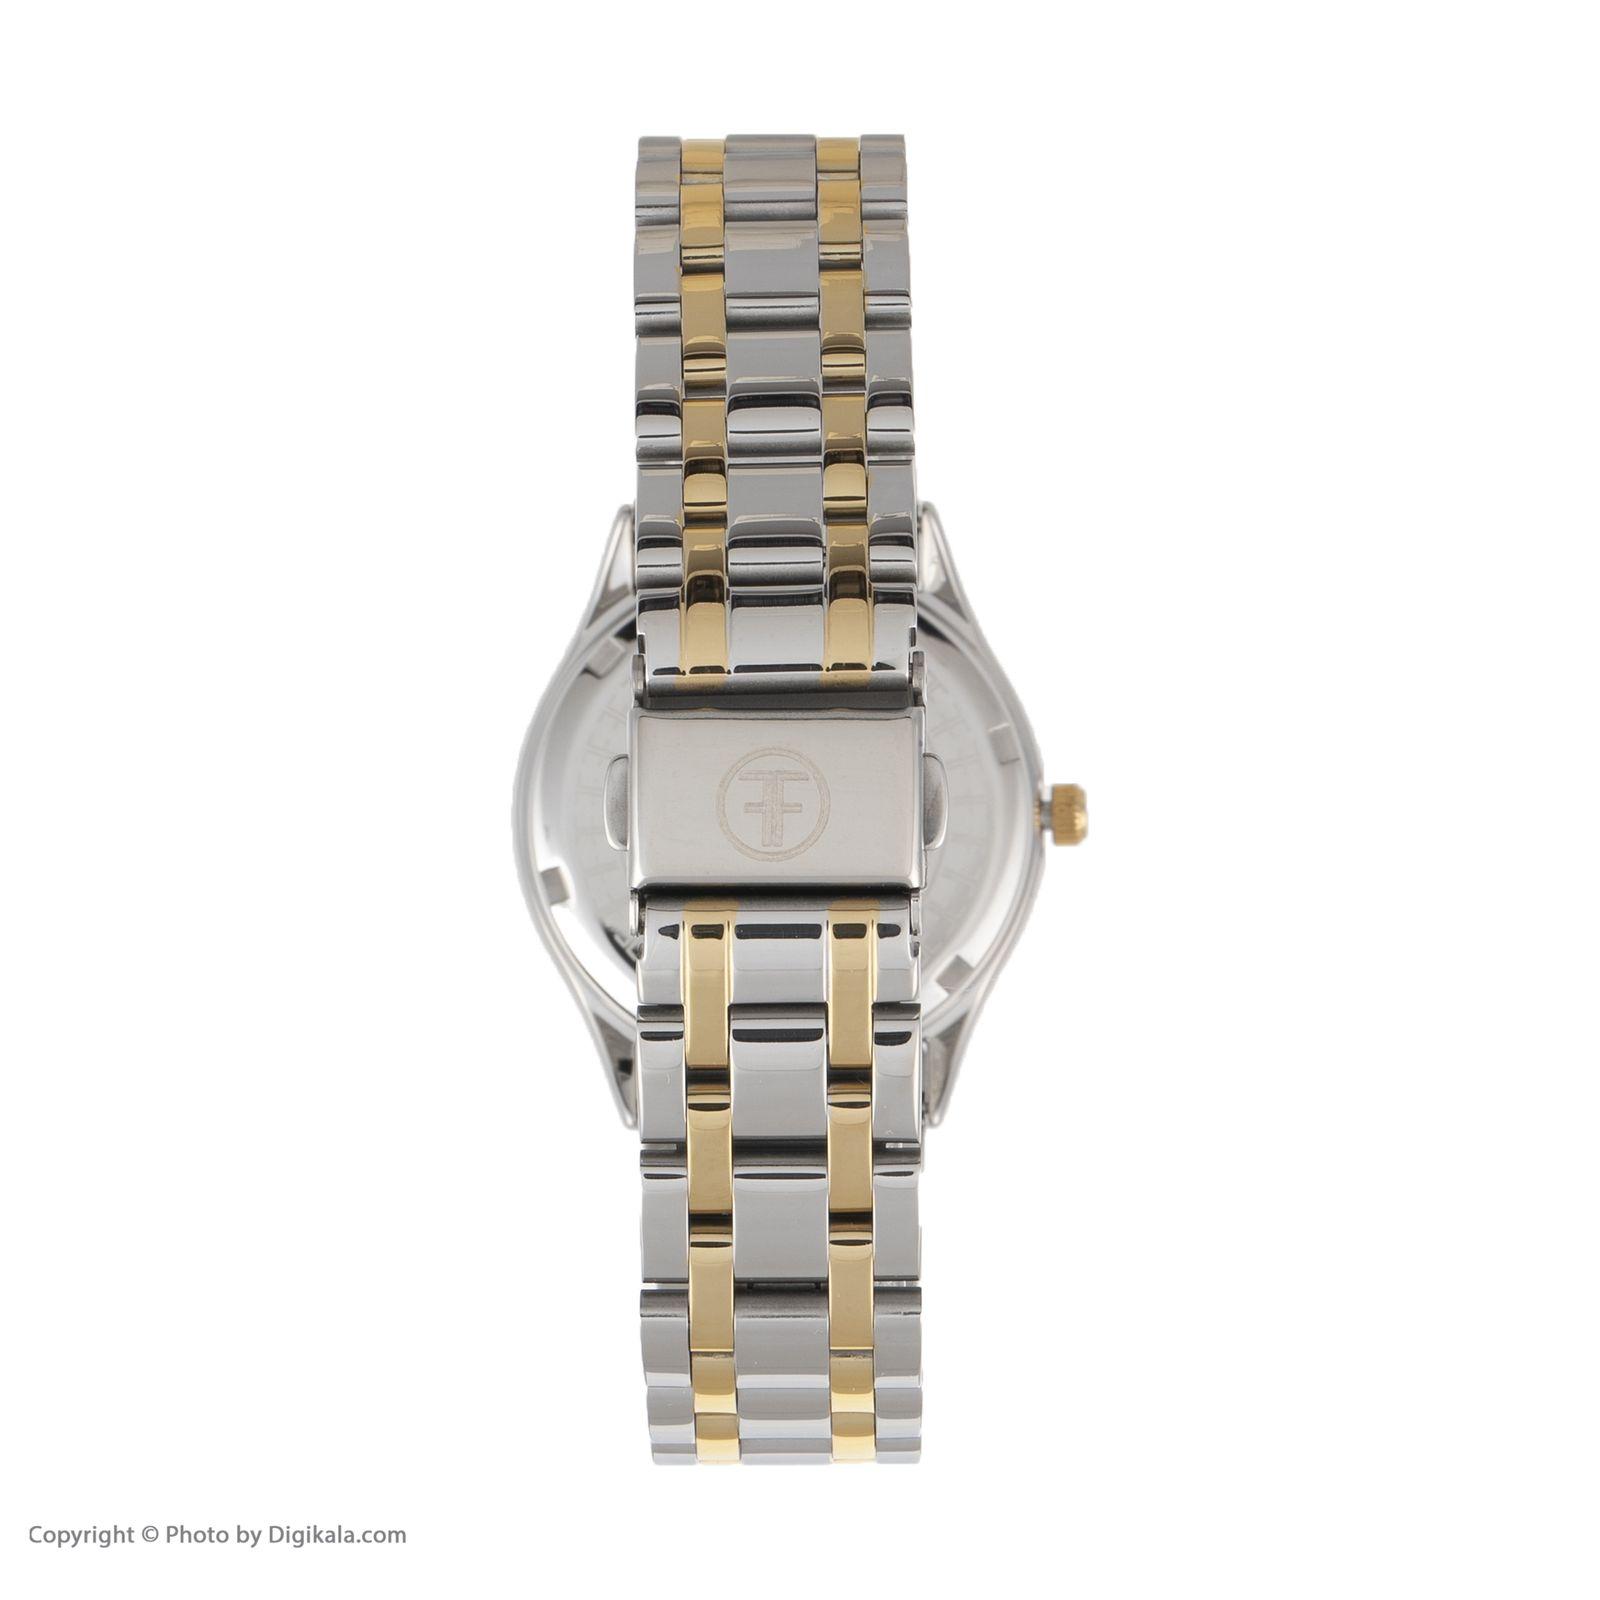 ساعت مچی عقربه ای زنانه فری لوک مدل F.7.1048.05 -  - 2